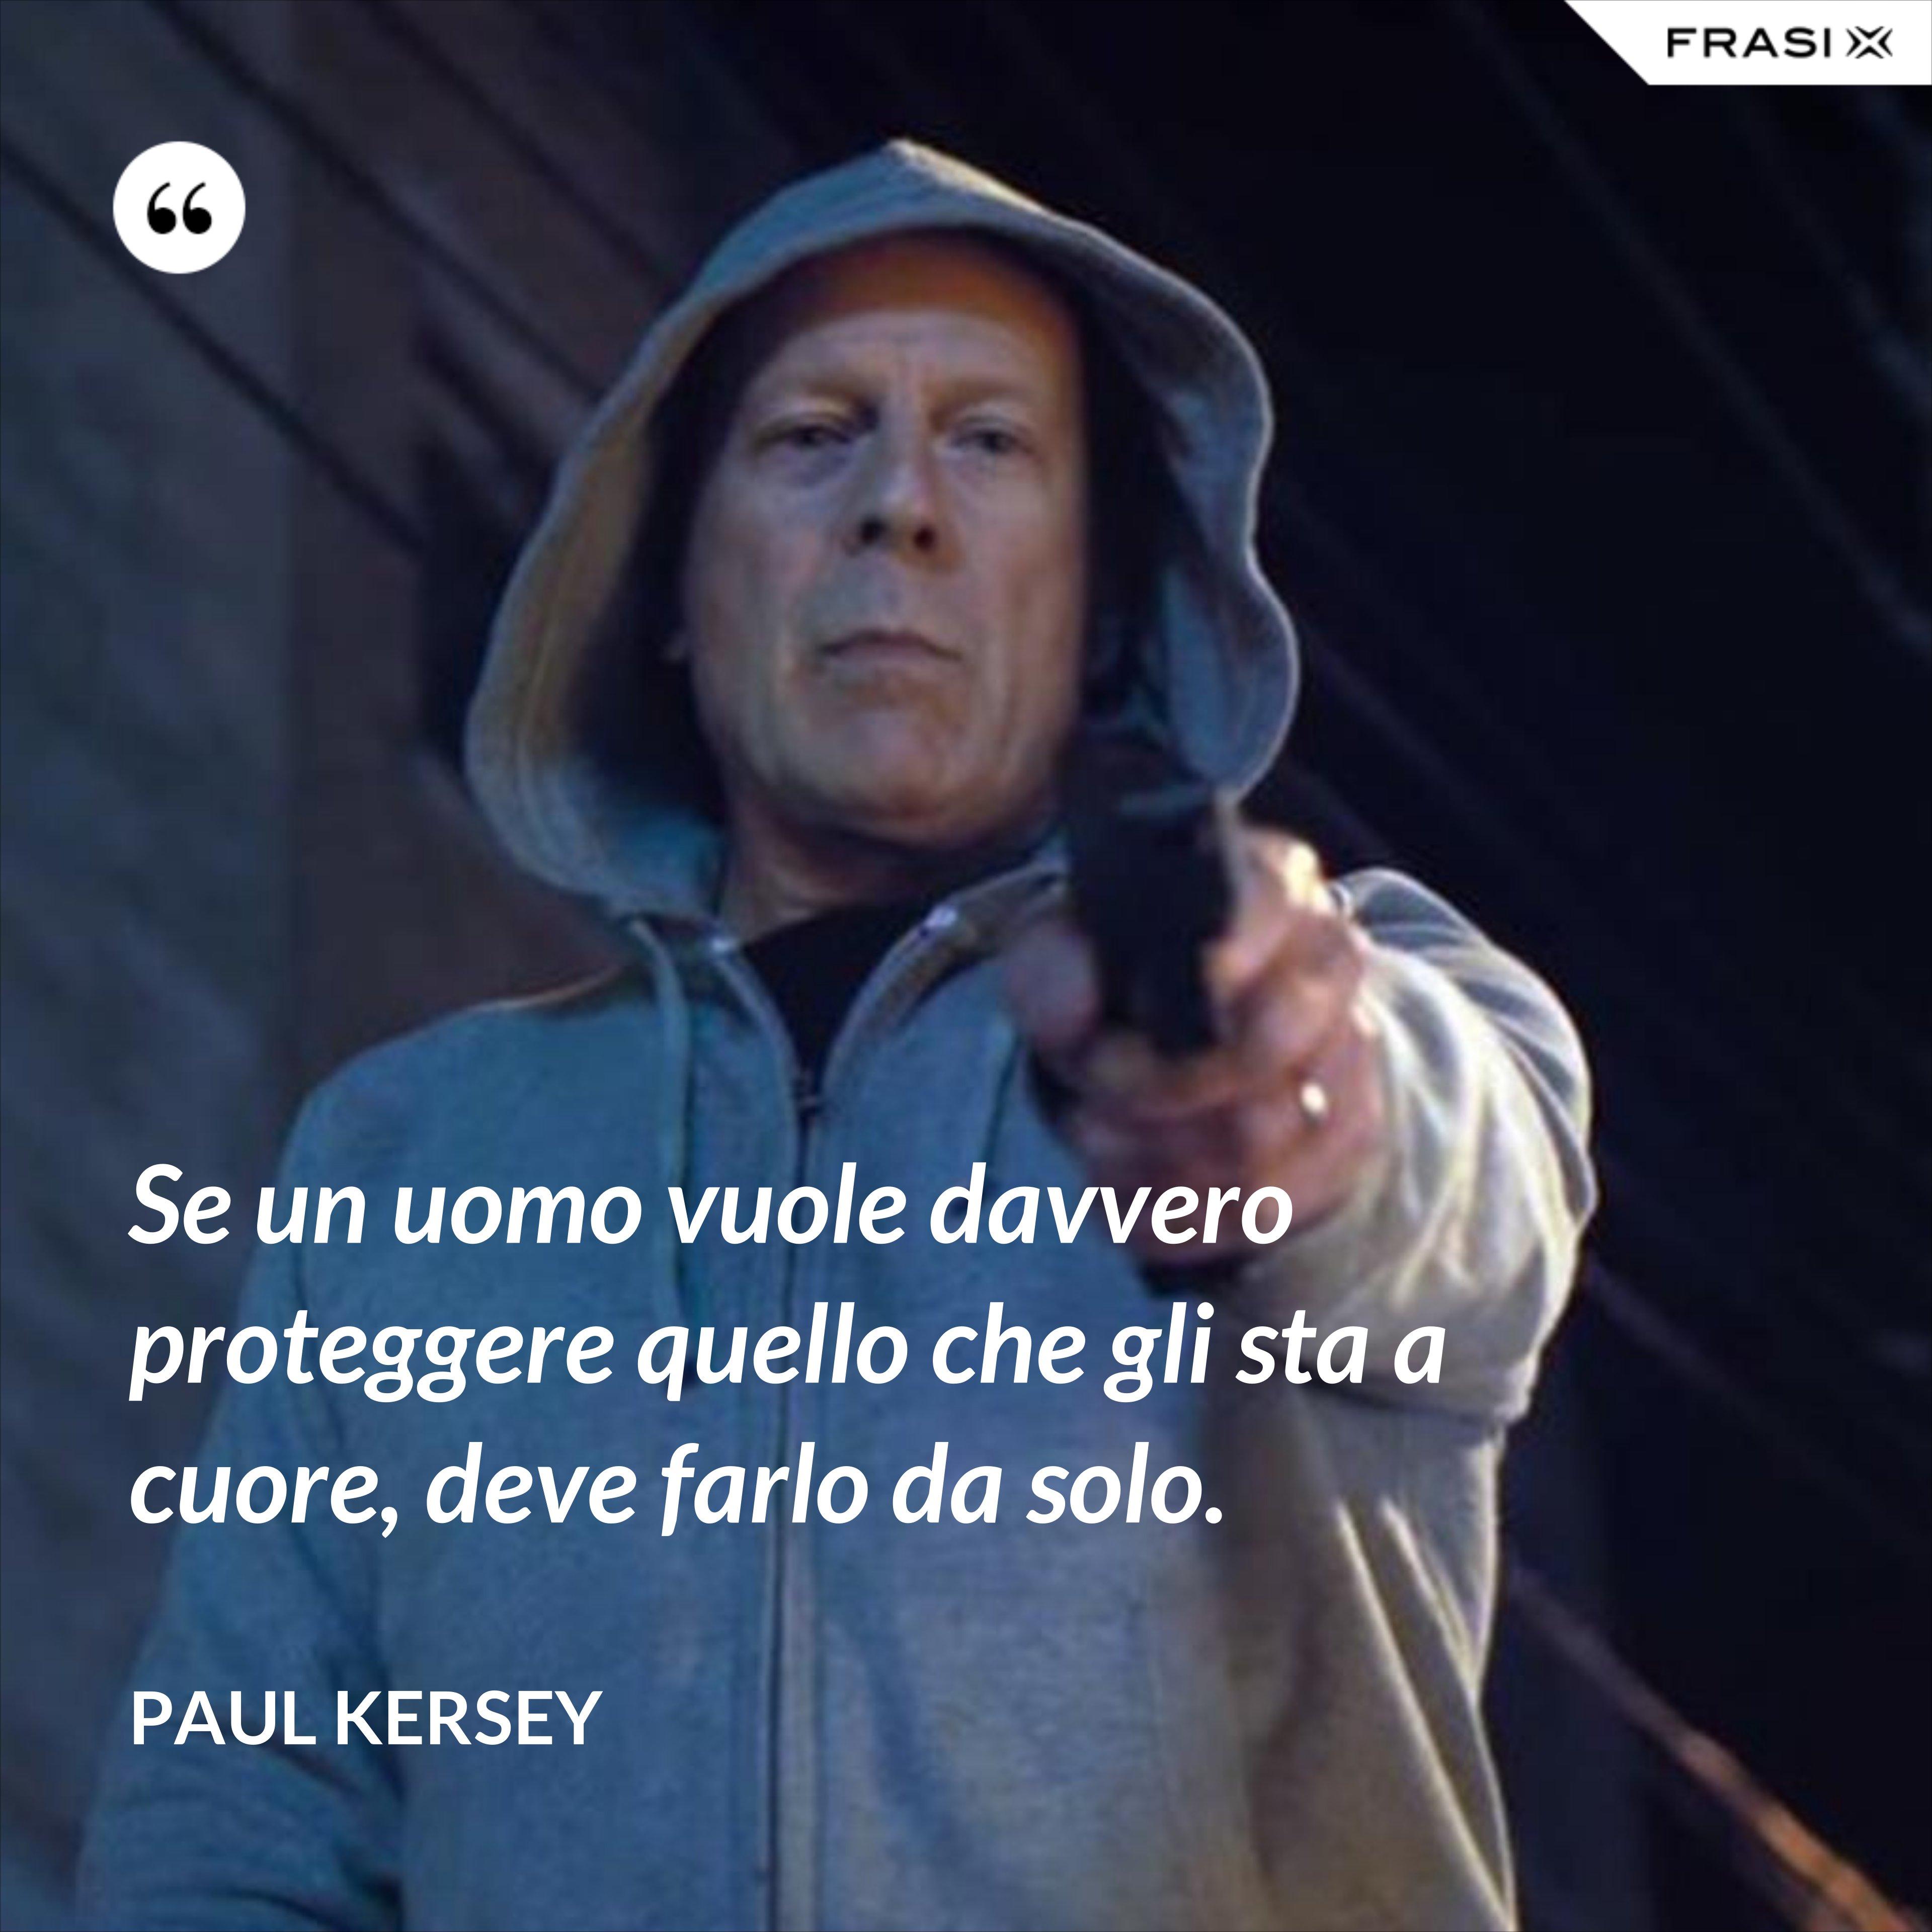 Se un uomo vuole davvero proteggere quello che gli sta a cuore, deve farlo da solo. - Paul Kersey